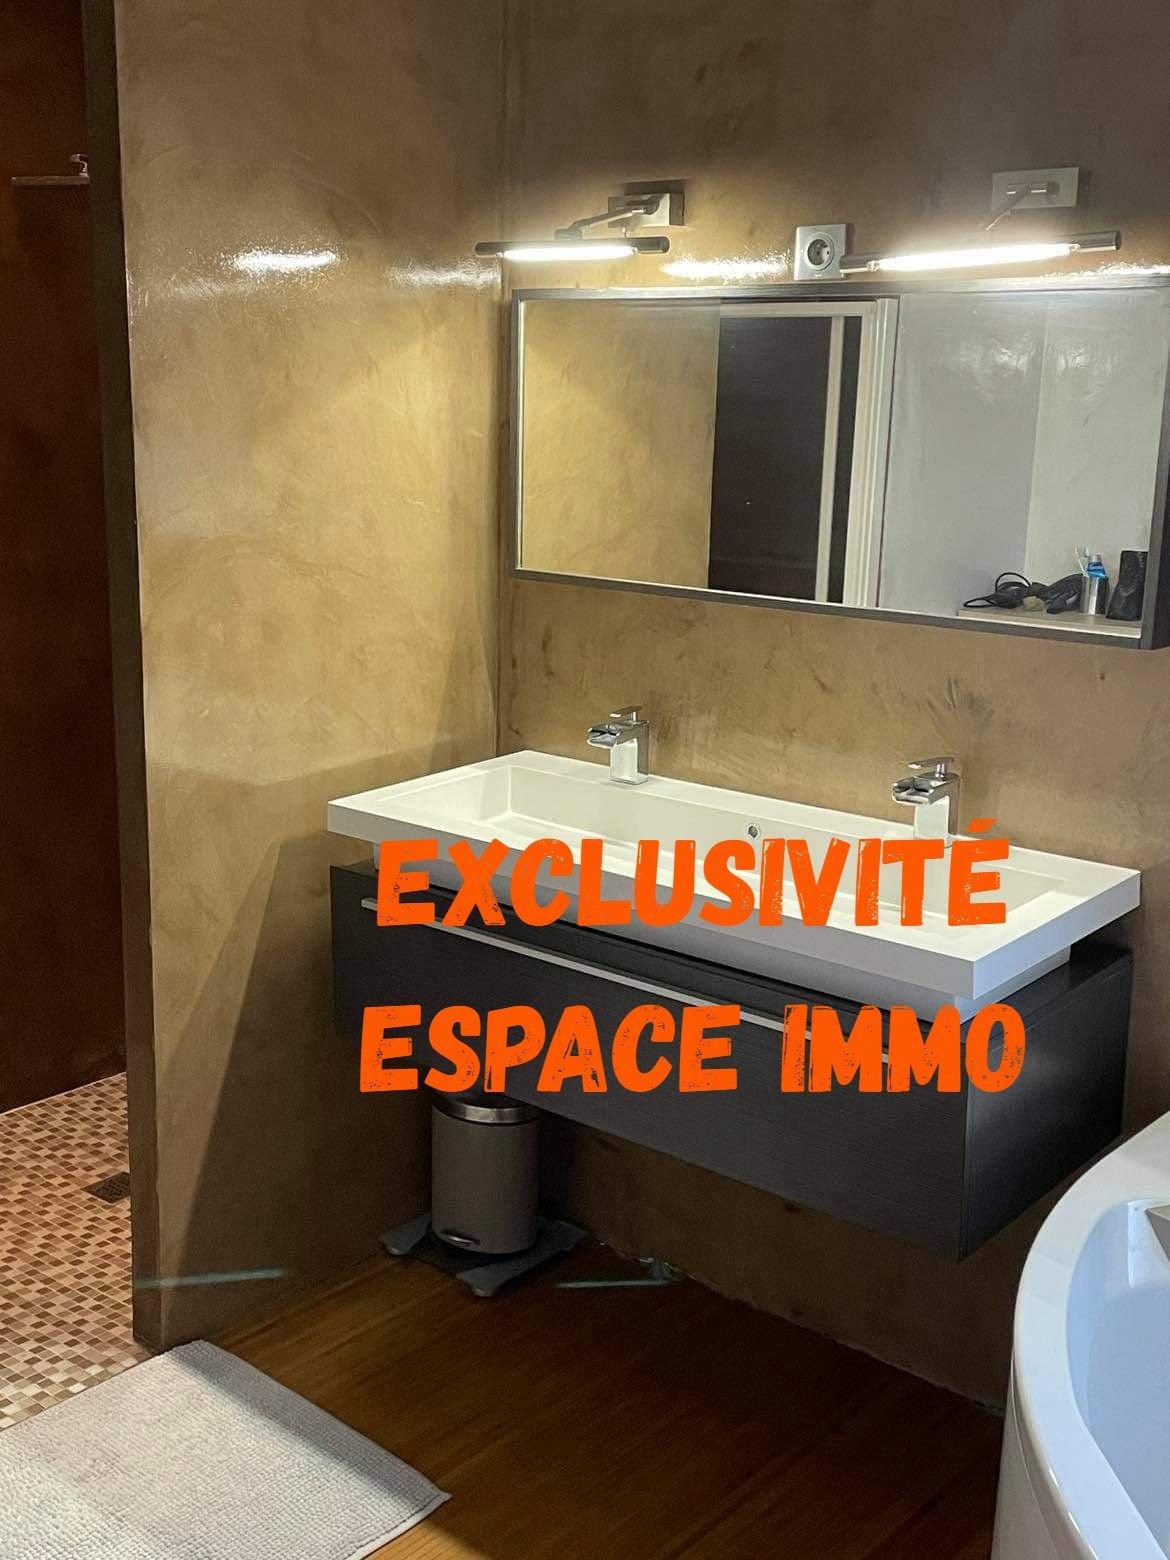 EXCLUSIVITÉ Cusset - Maison contemporaine - proche Centre